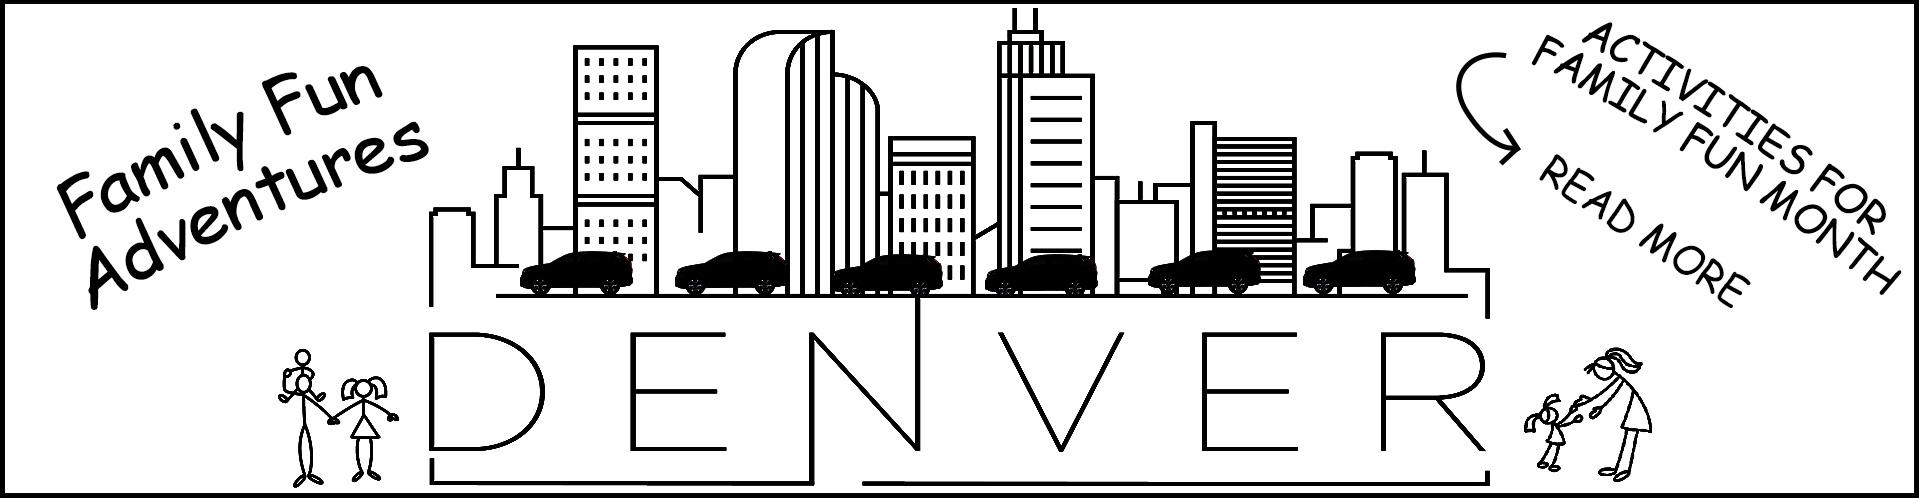 Honda News Denver Hiking 2018